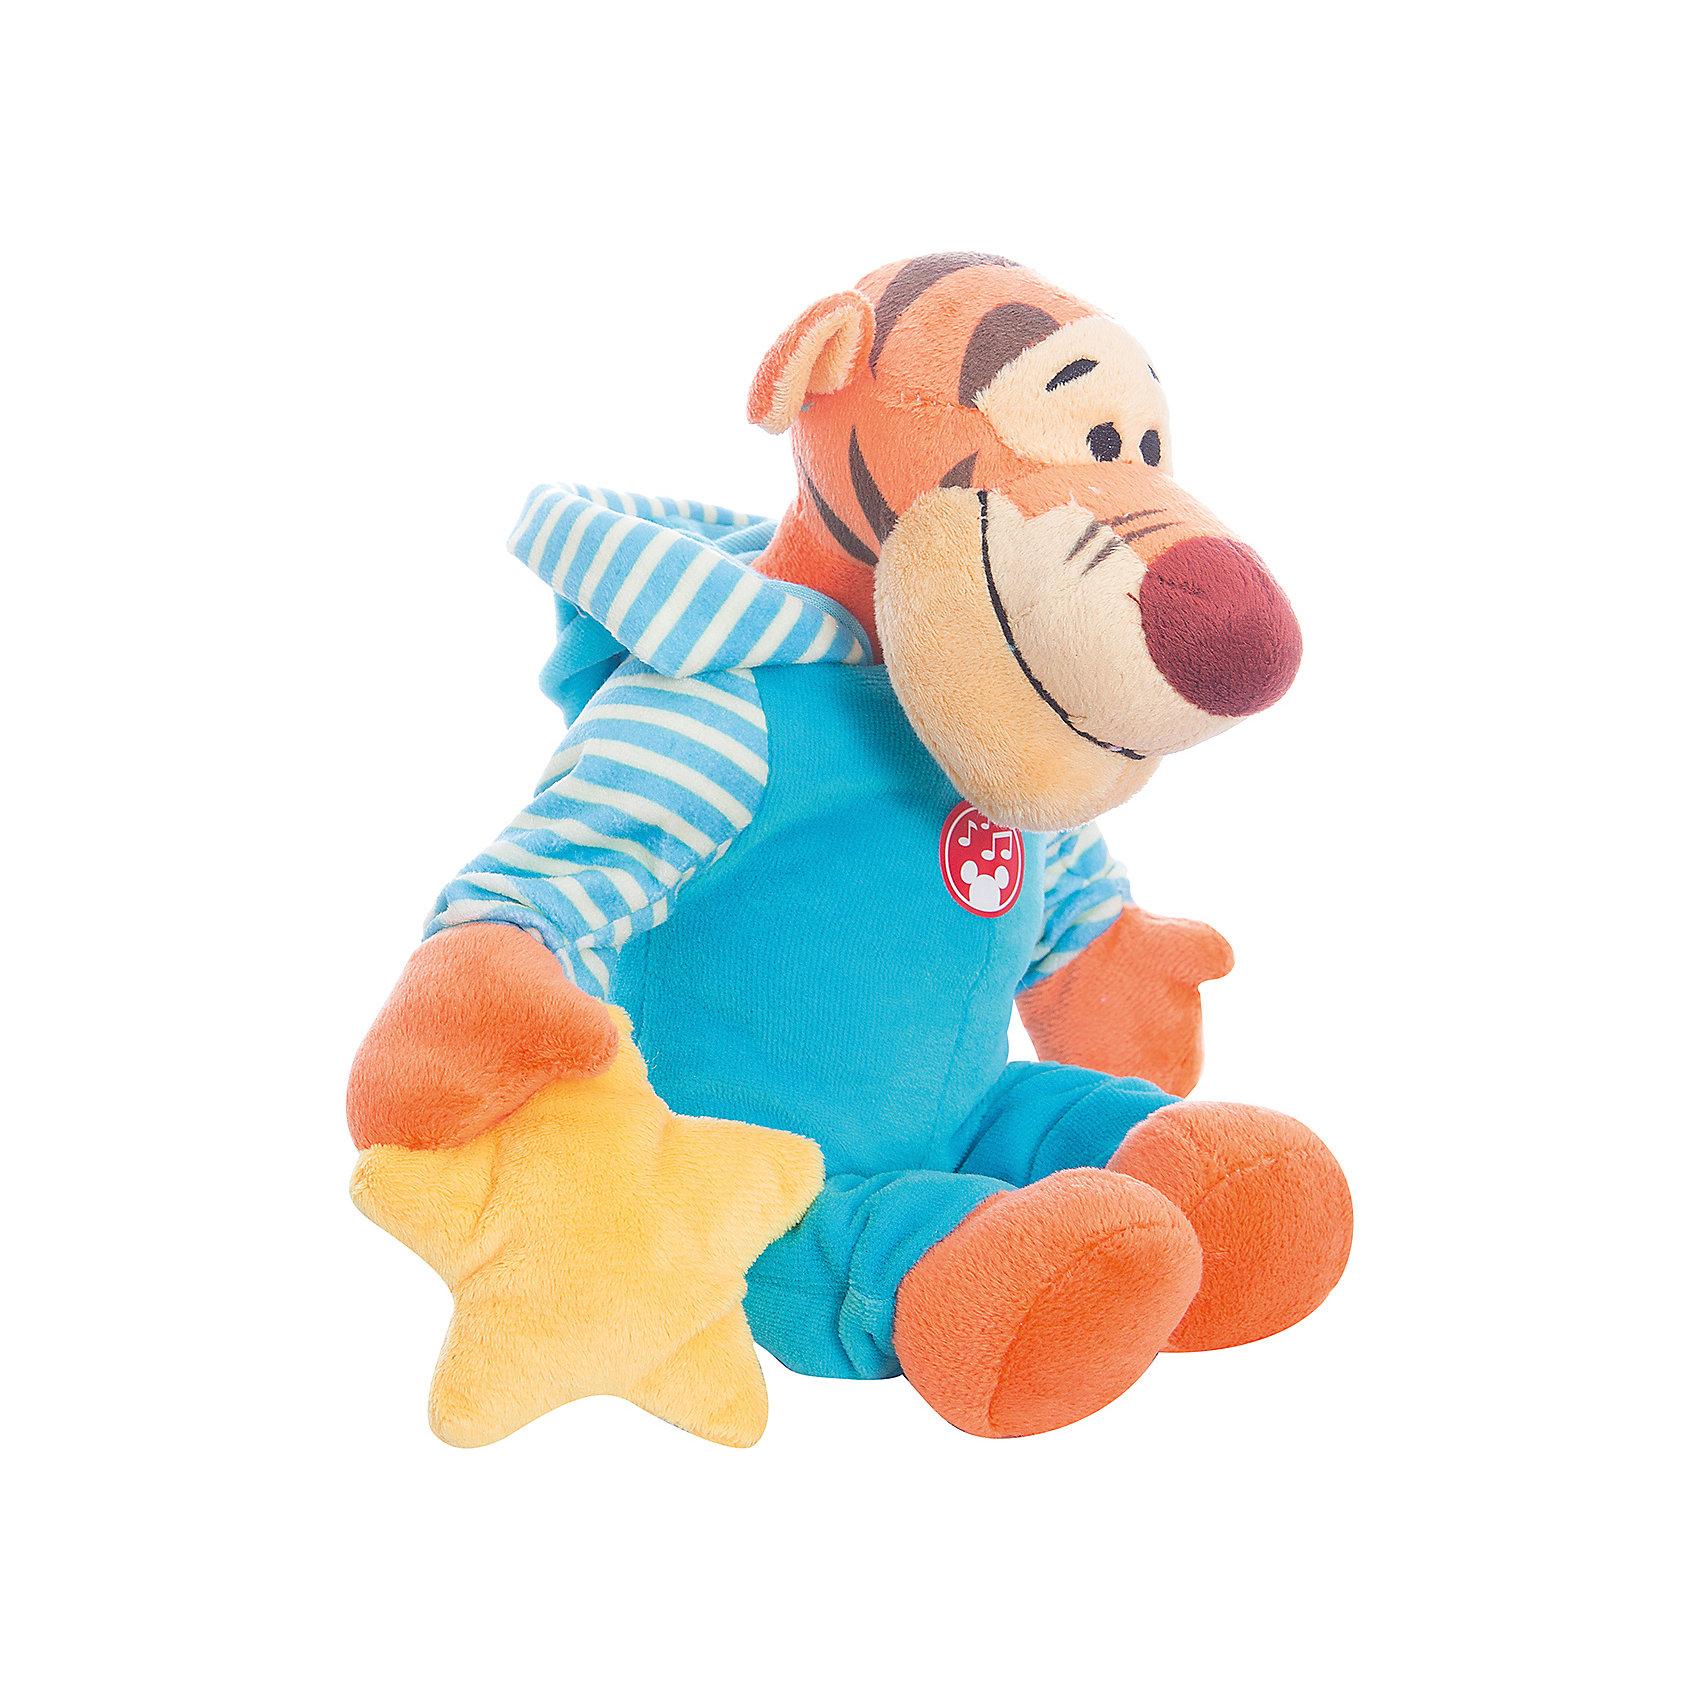 Мягкая игрушка Сонный Тигруля, Disney, 24 см